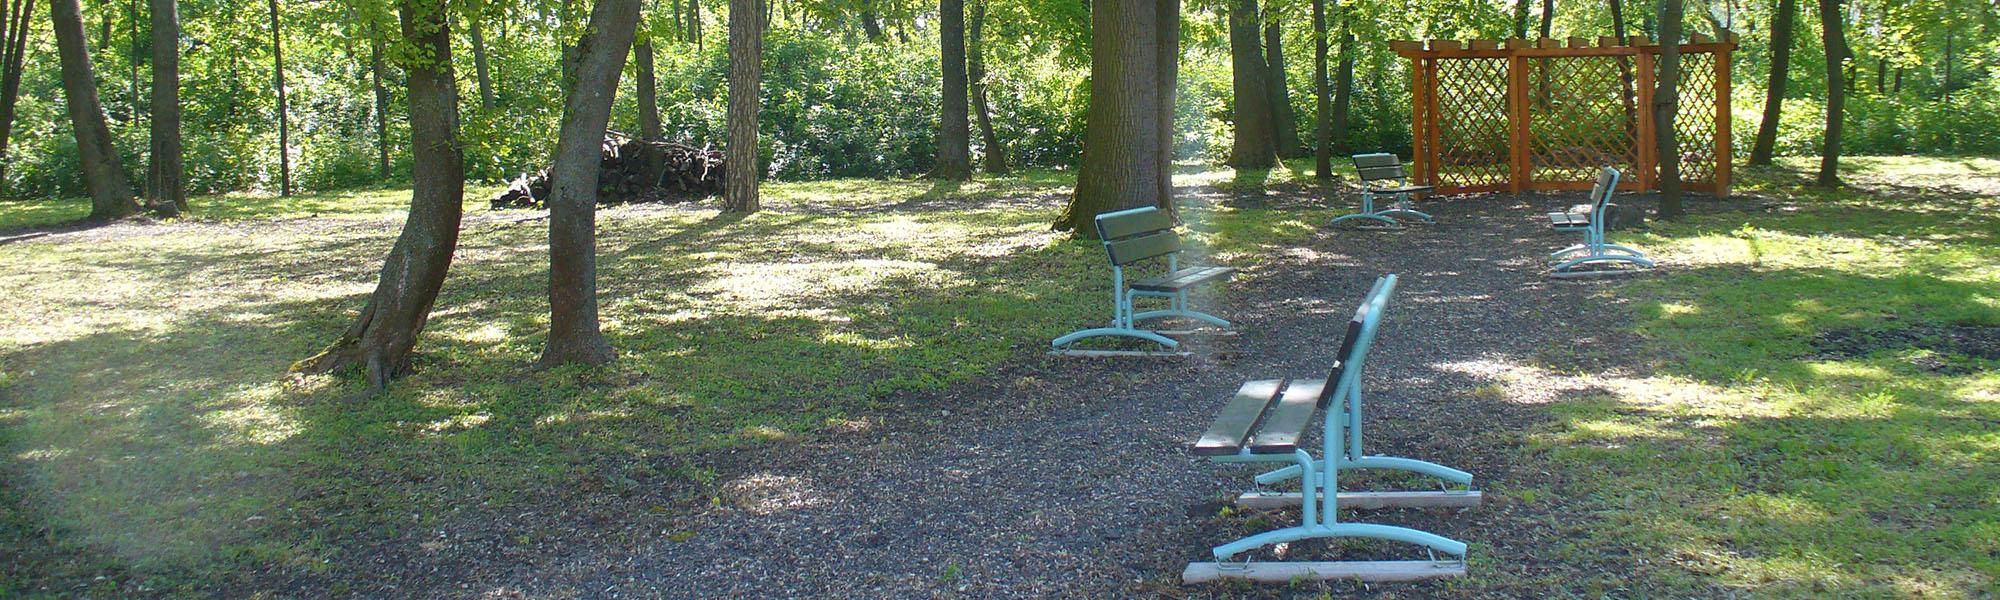 Domov sociálnych služieb pre dospelých Lehnice - Lavičky v parku